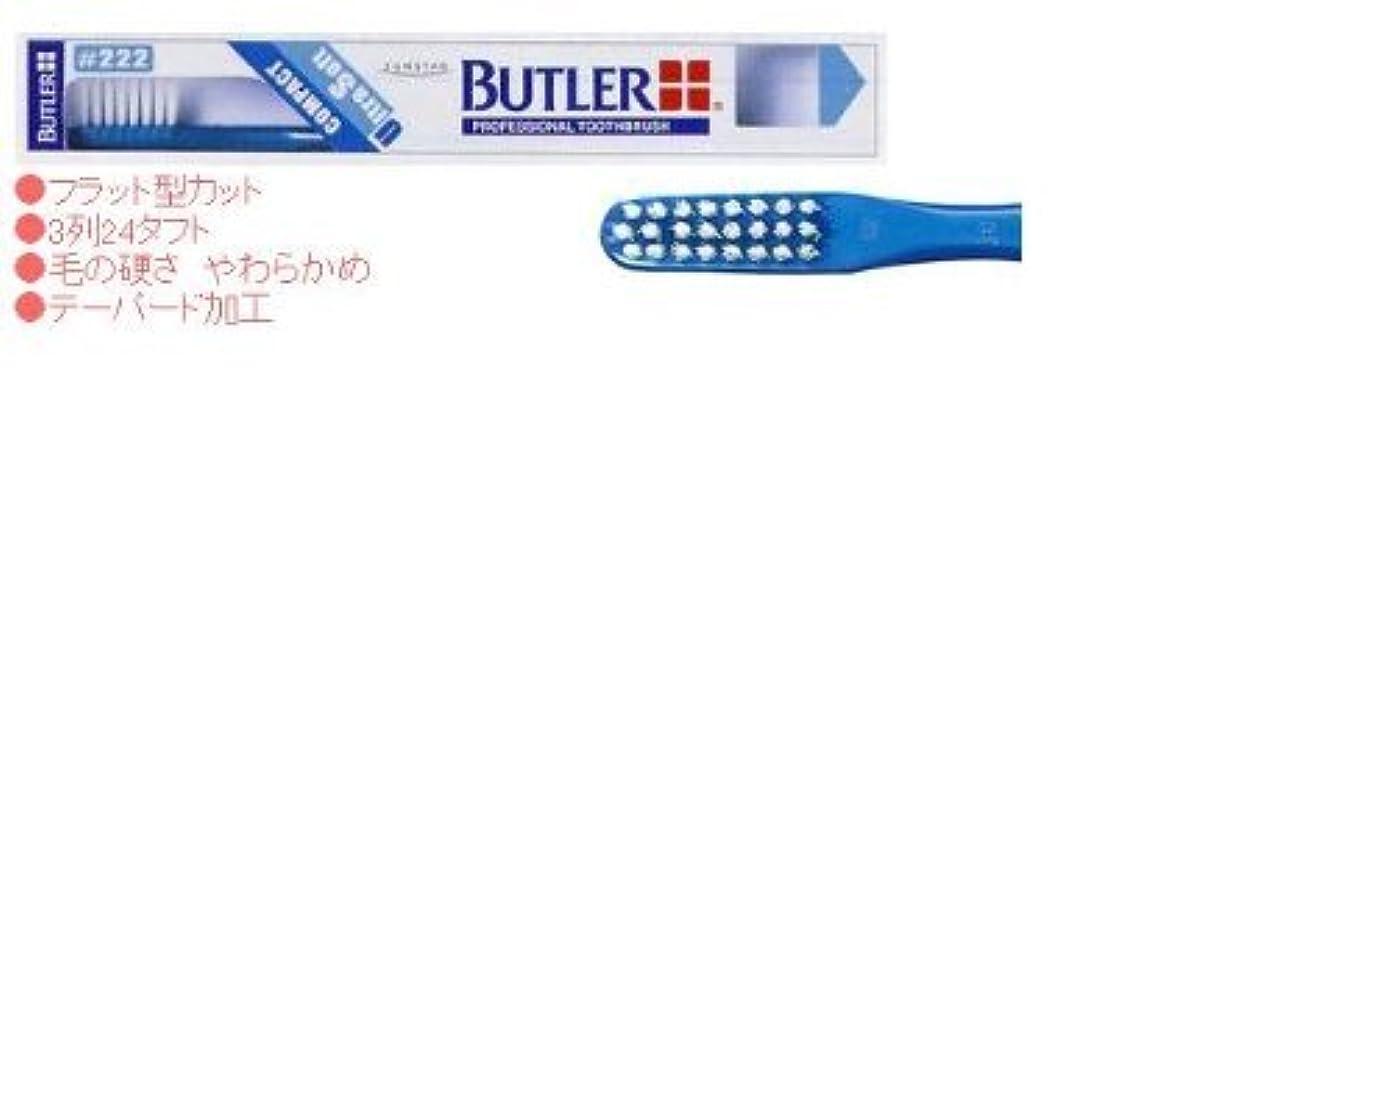 ムスタチオ研究所好奇心バトラー歯ブラシ 1本 #222